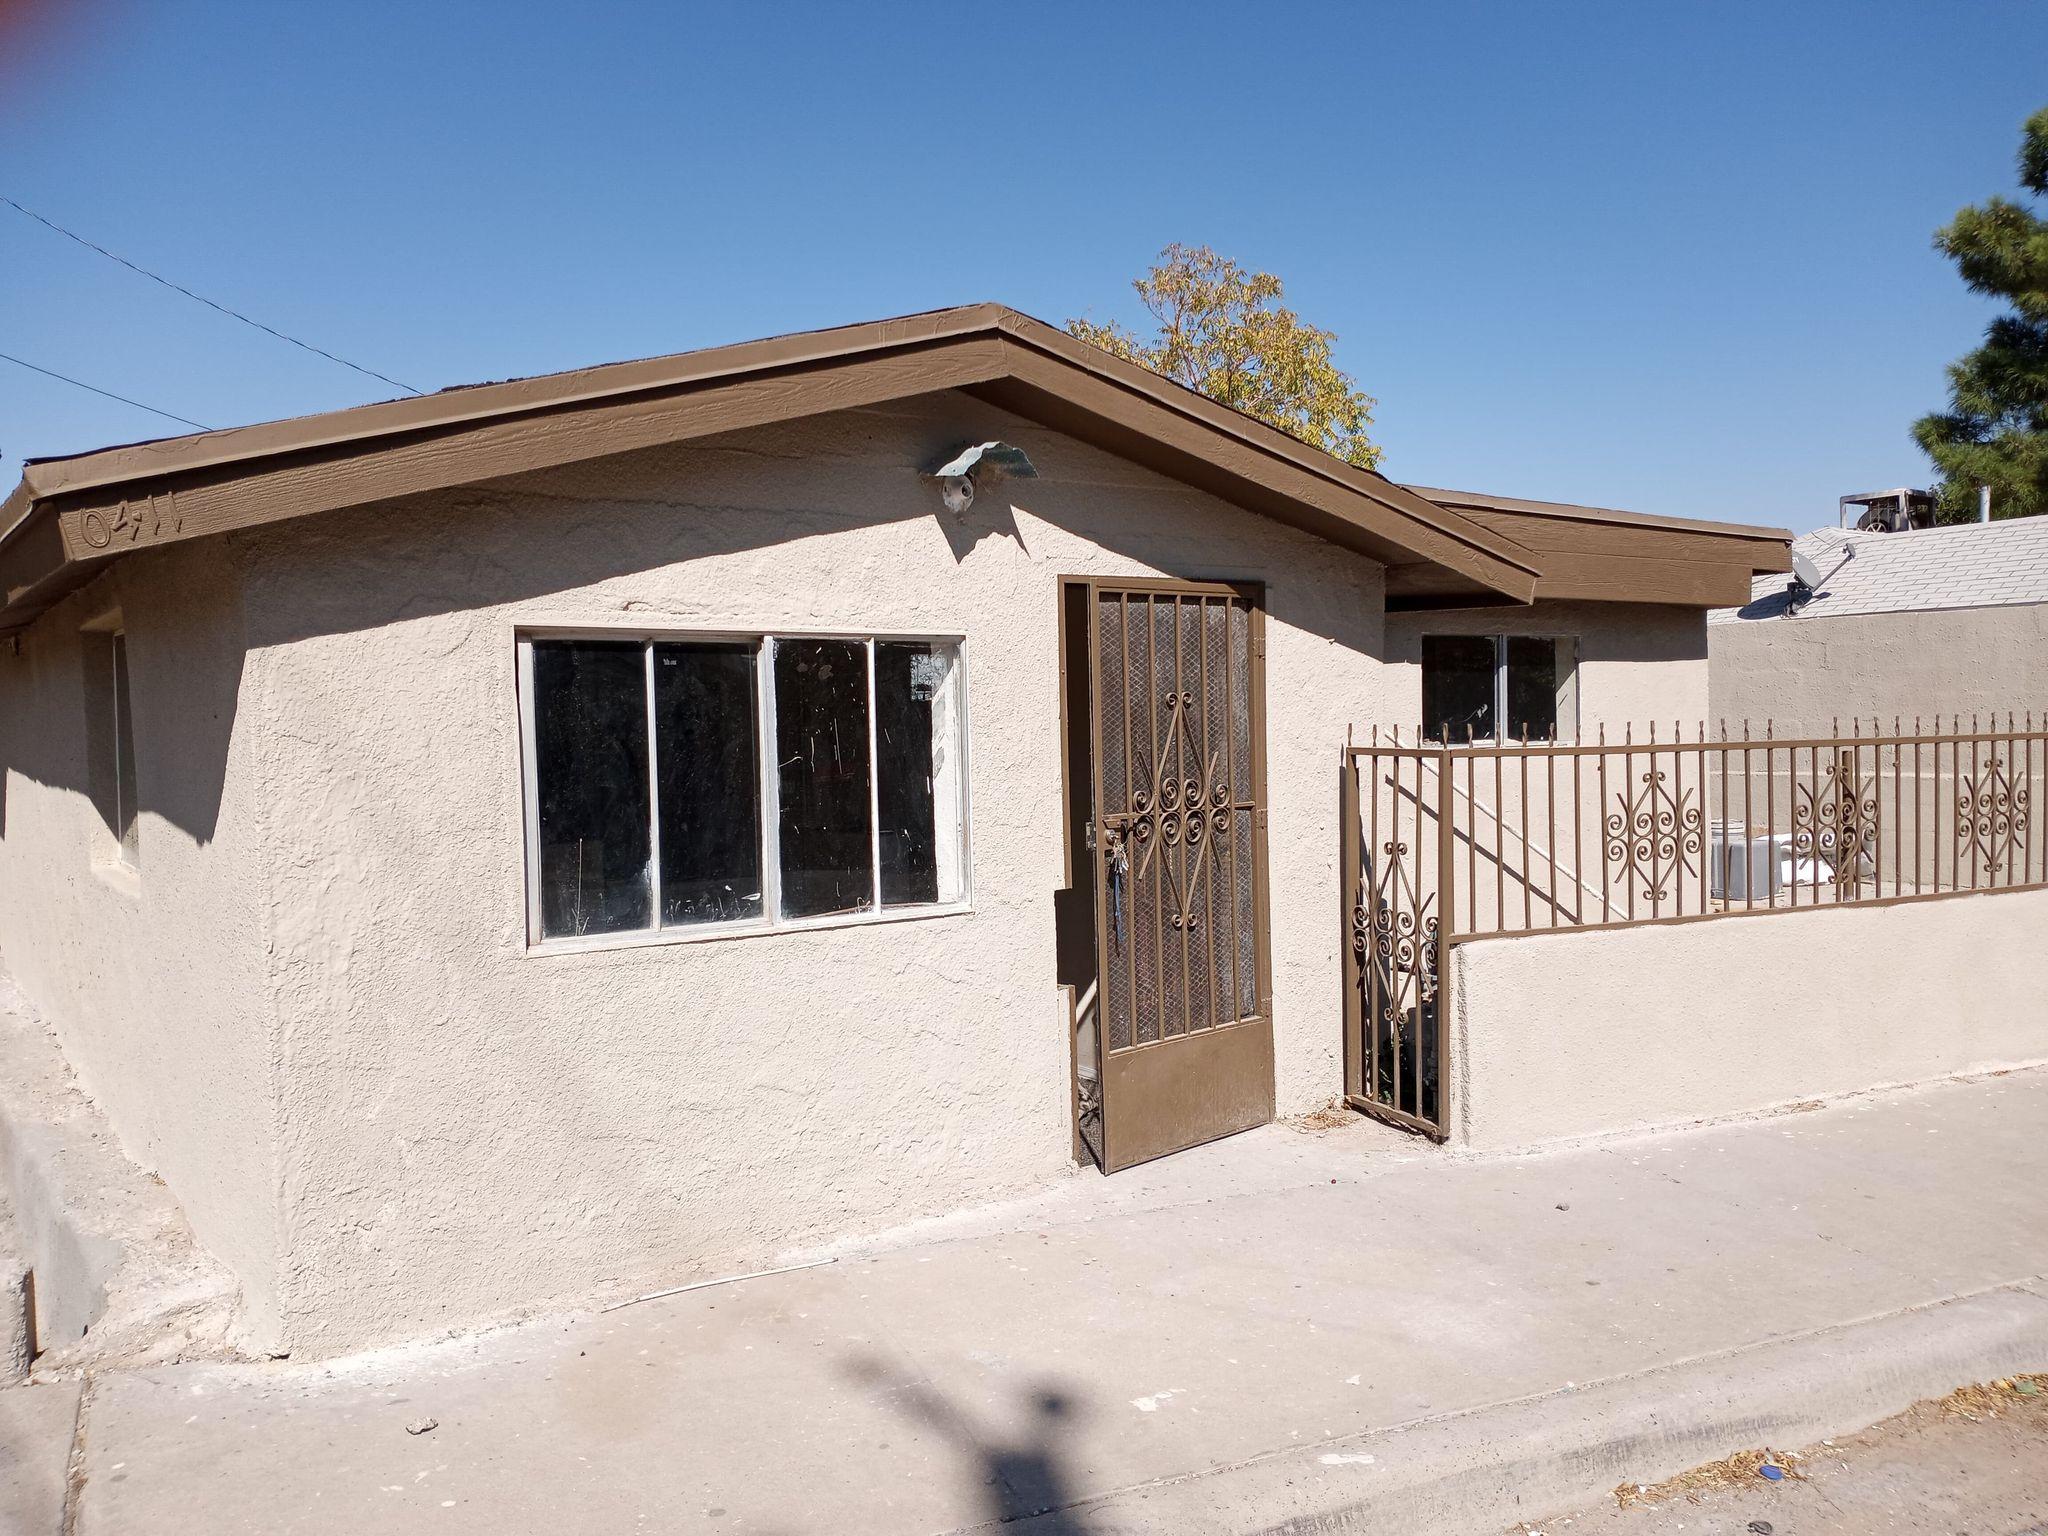 6411 Sambrano, El Paso, Texas 79905, 3 Bedrooms Bedrooms, ,1 BathroomBathrooms,Residential,For sale,Sambrano,836549